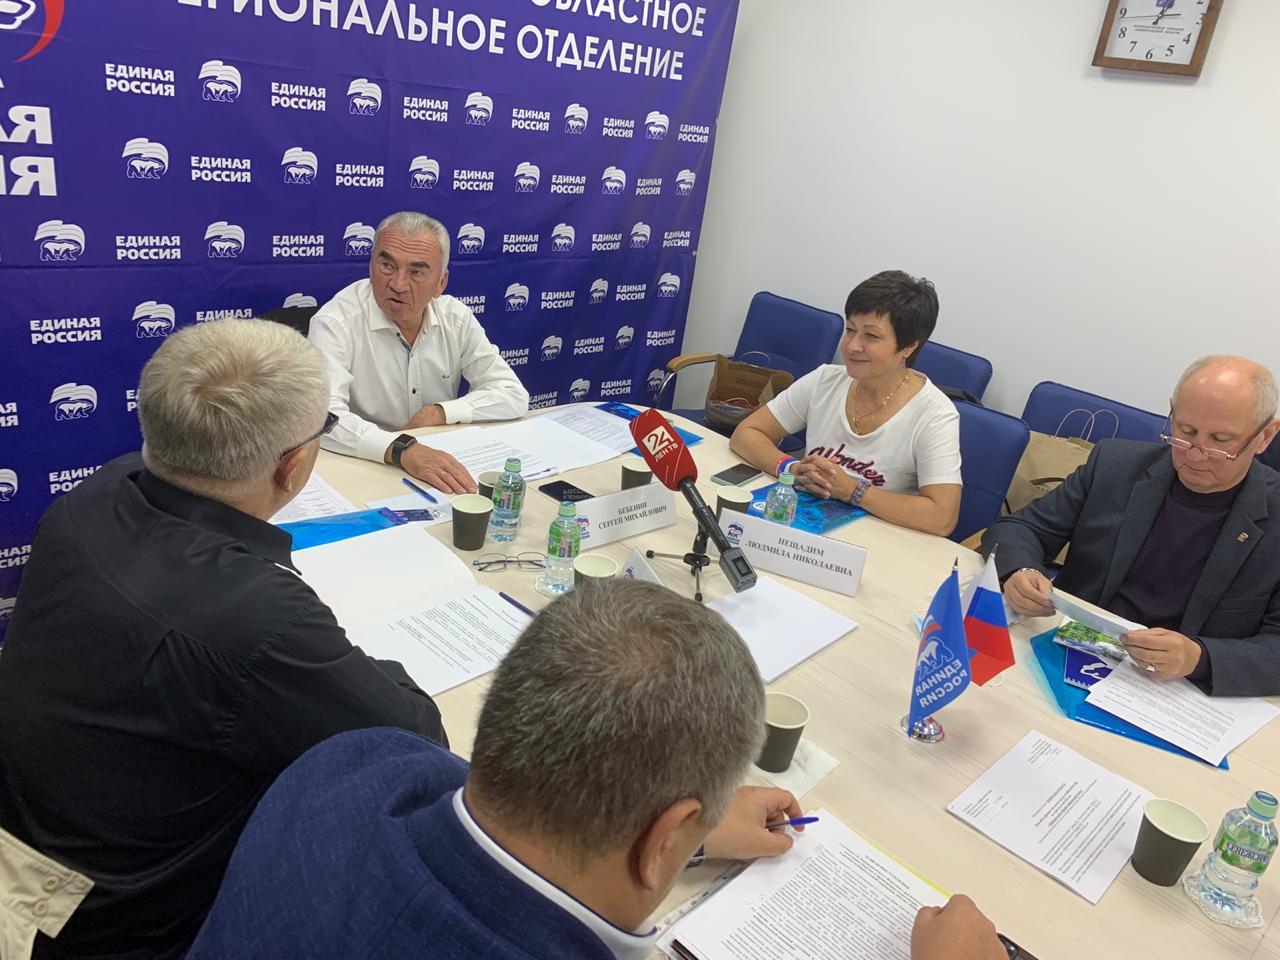 как предварительное собрание фото единая россия натяжных потолковсуществуют различные